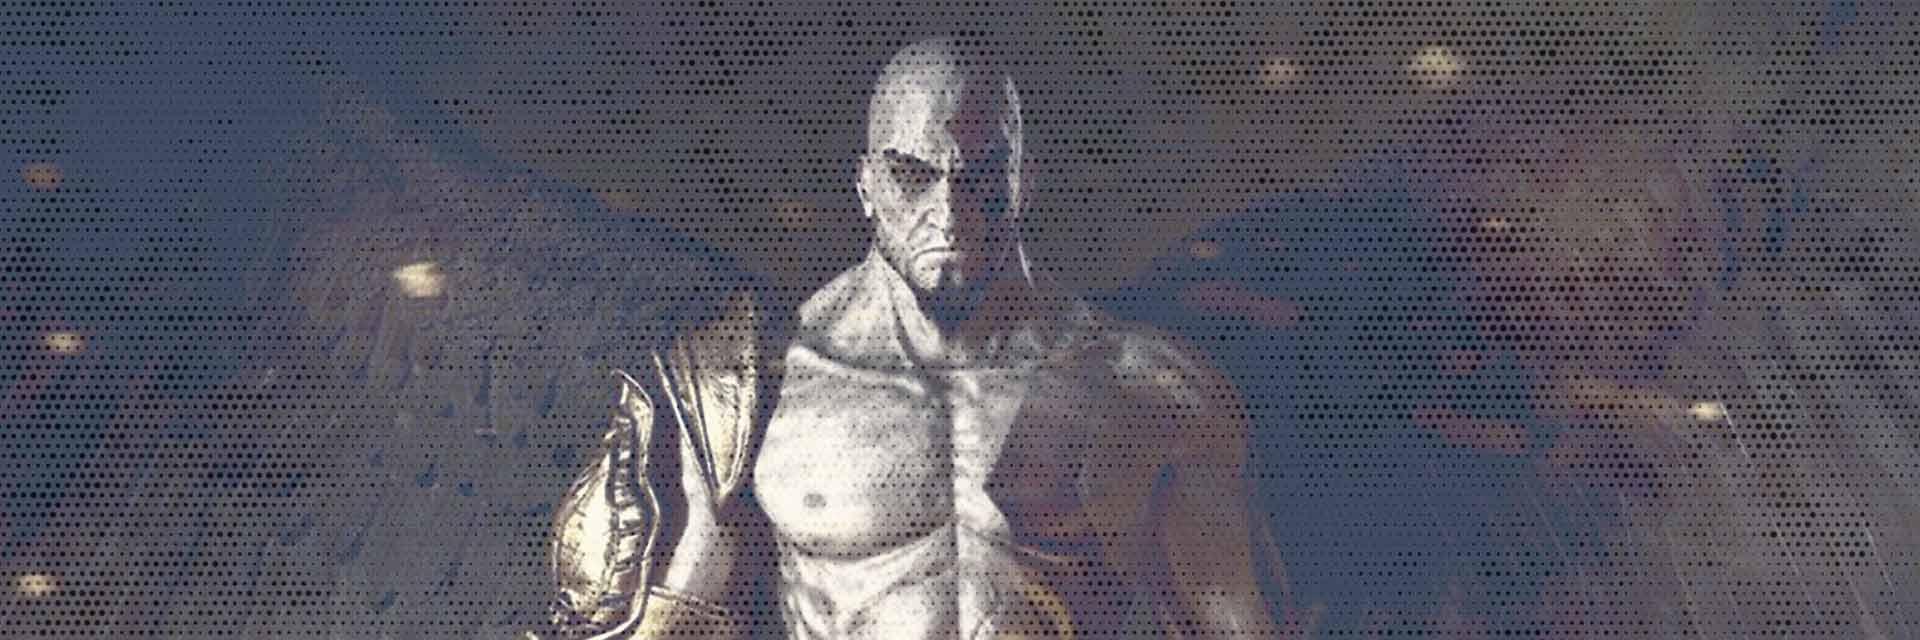 la copertina di god of war 3